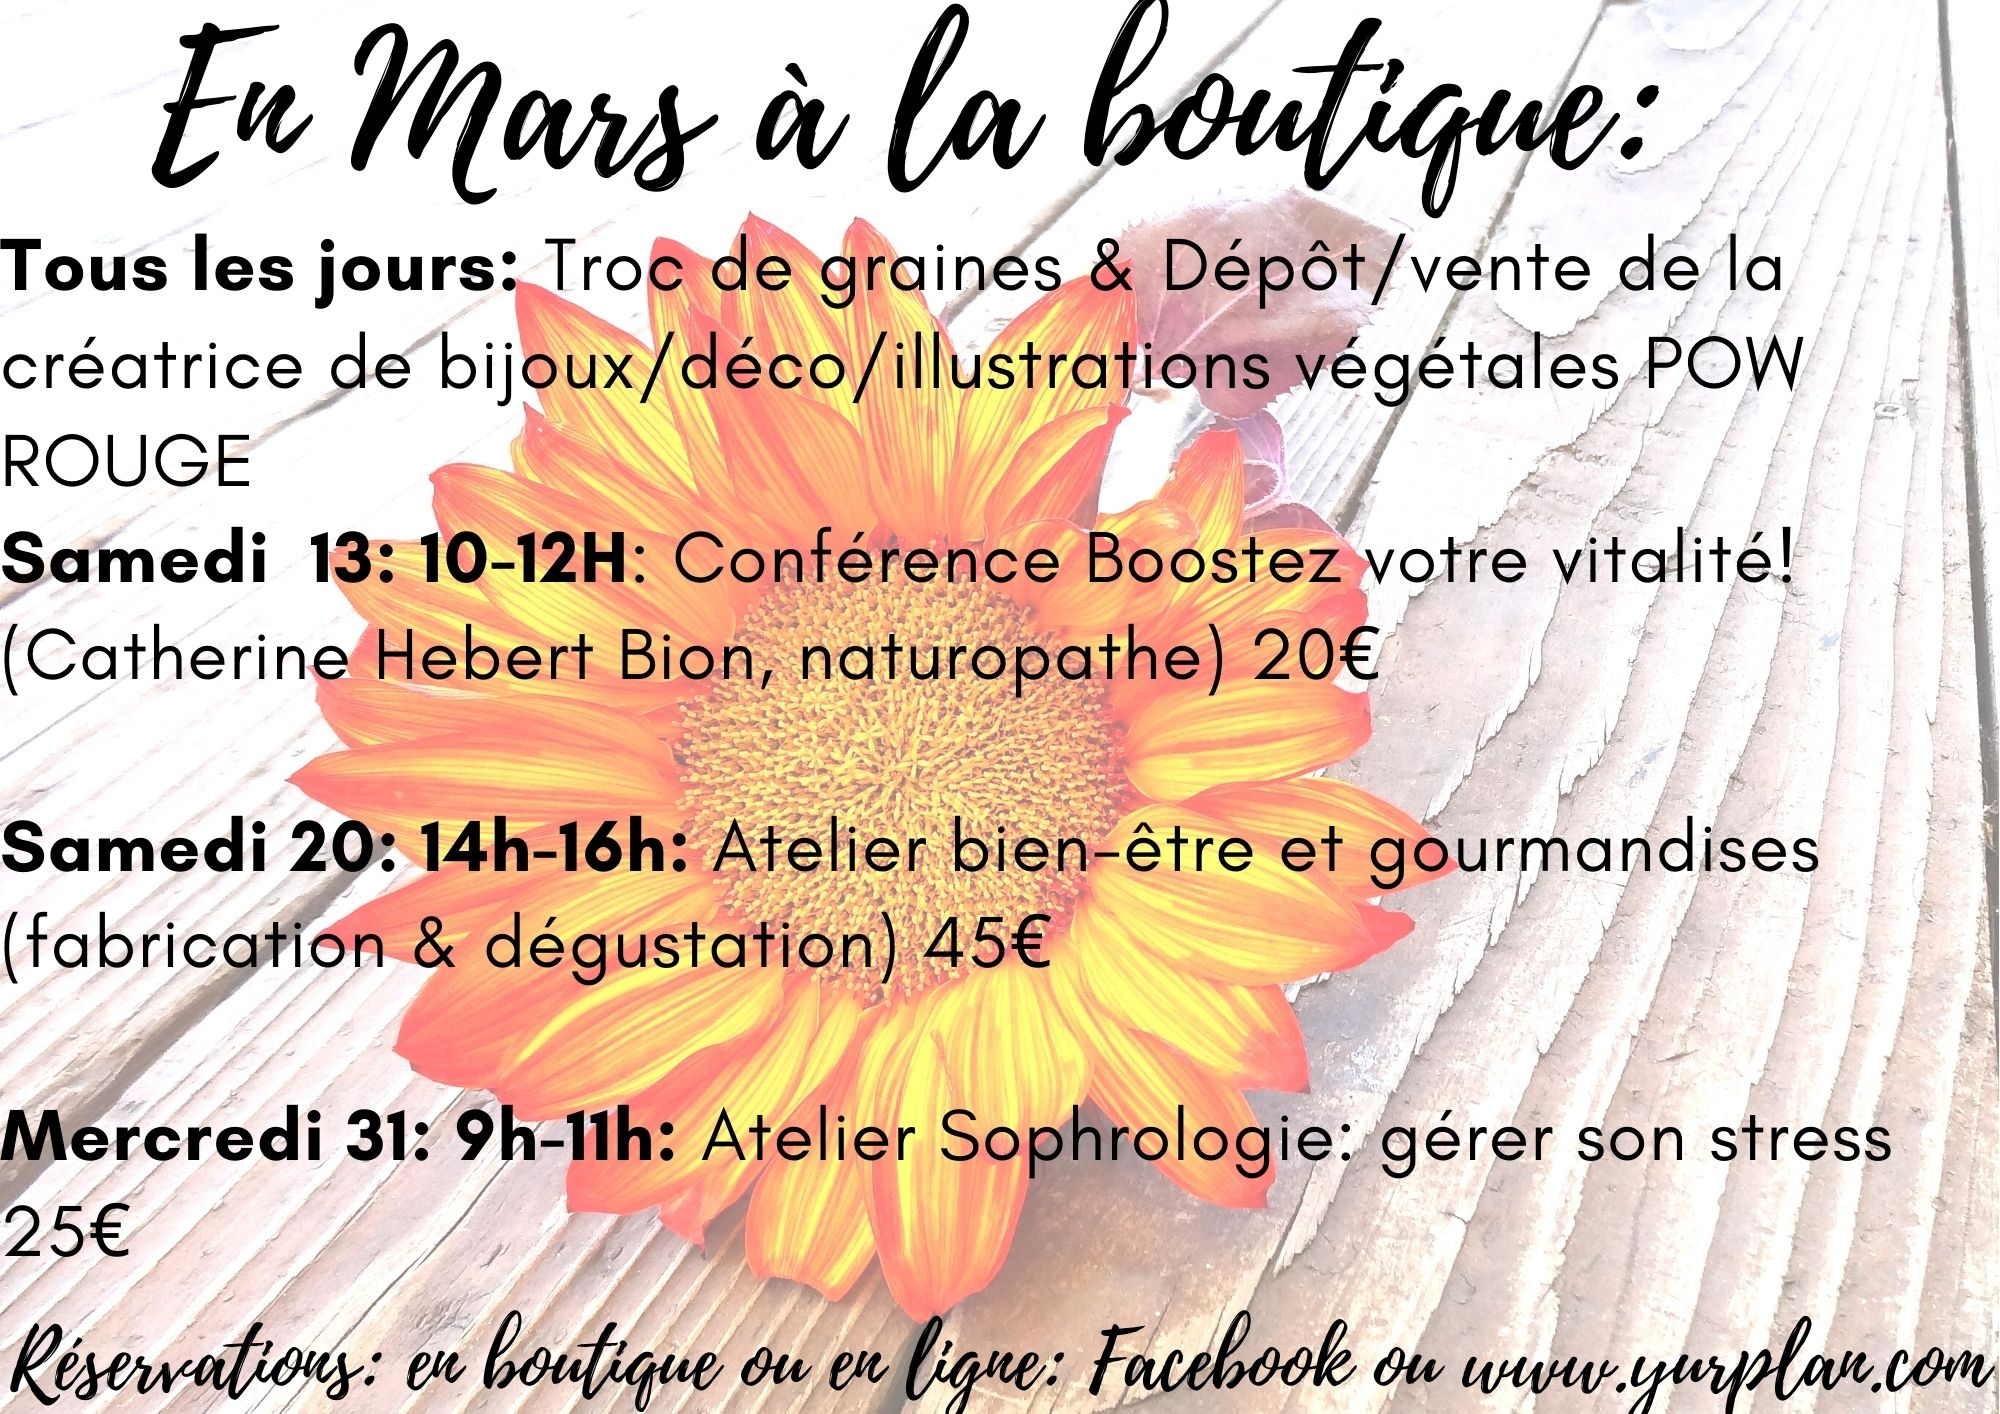 Les actus, ateliers, conférences en Mars à l'Herboristerie des mille feuilles.